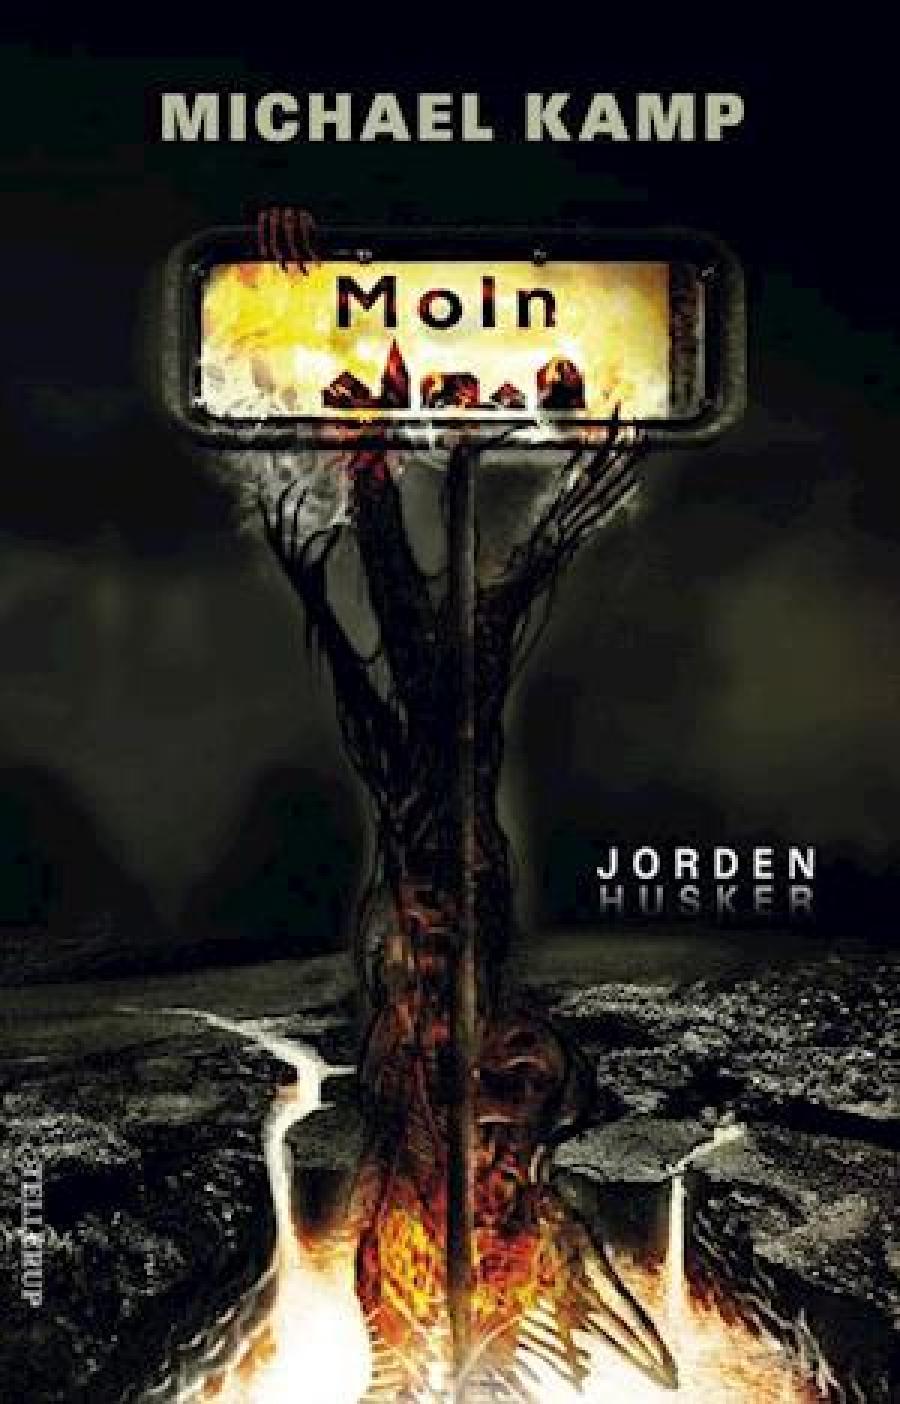 Foto af forsiden af bogen Moln - jorden husker af Michael Kamp